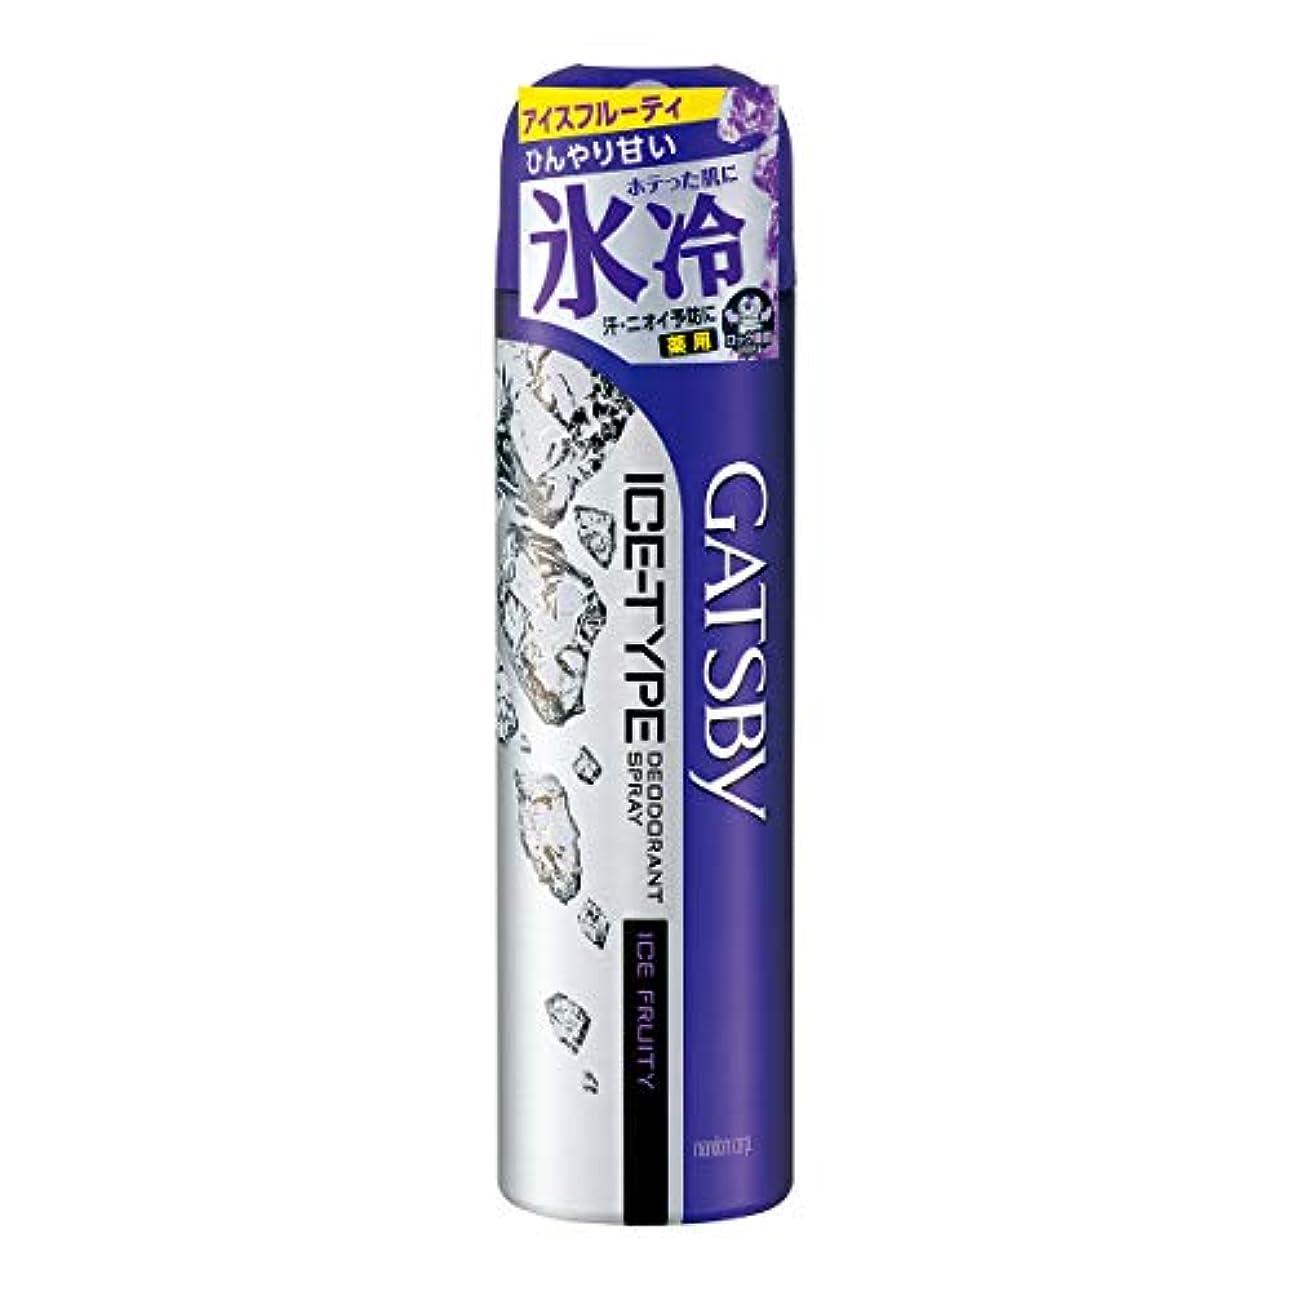 デッキ蚊パテギャツビー アイスデオドラントスプレー アイスフルーティ 135g (医薬部外品)